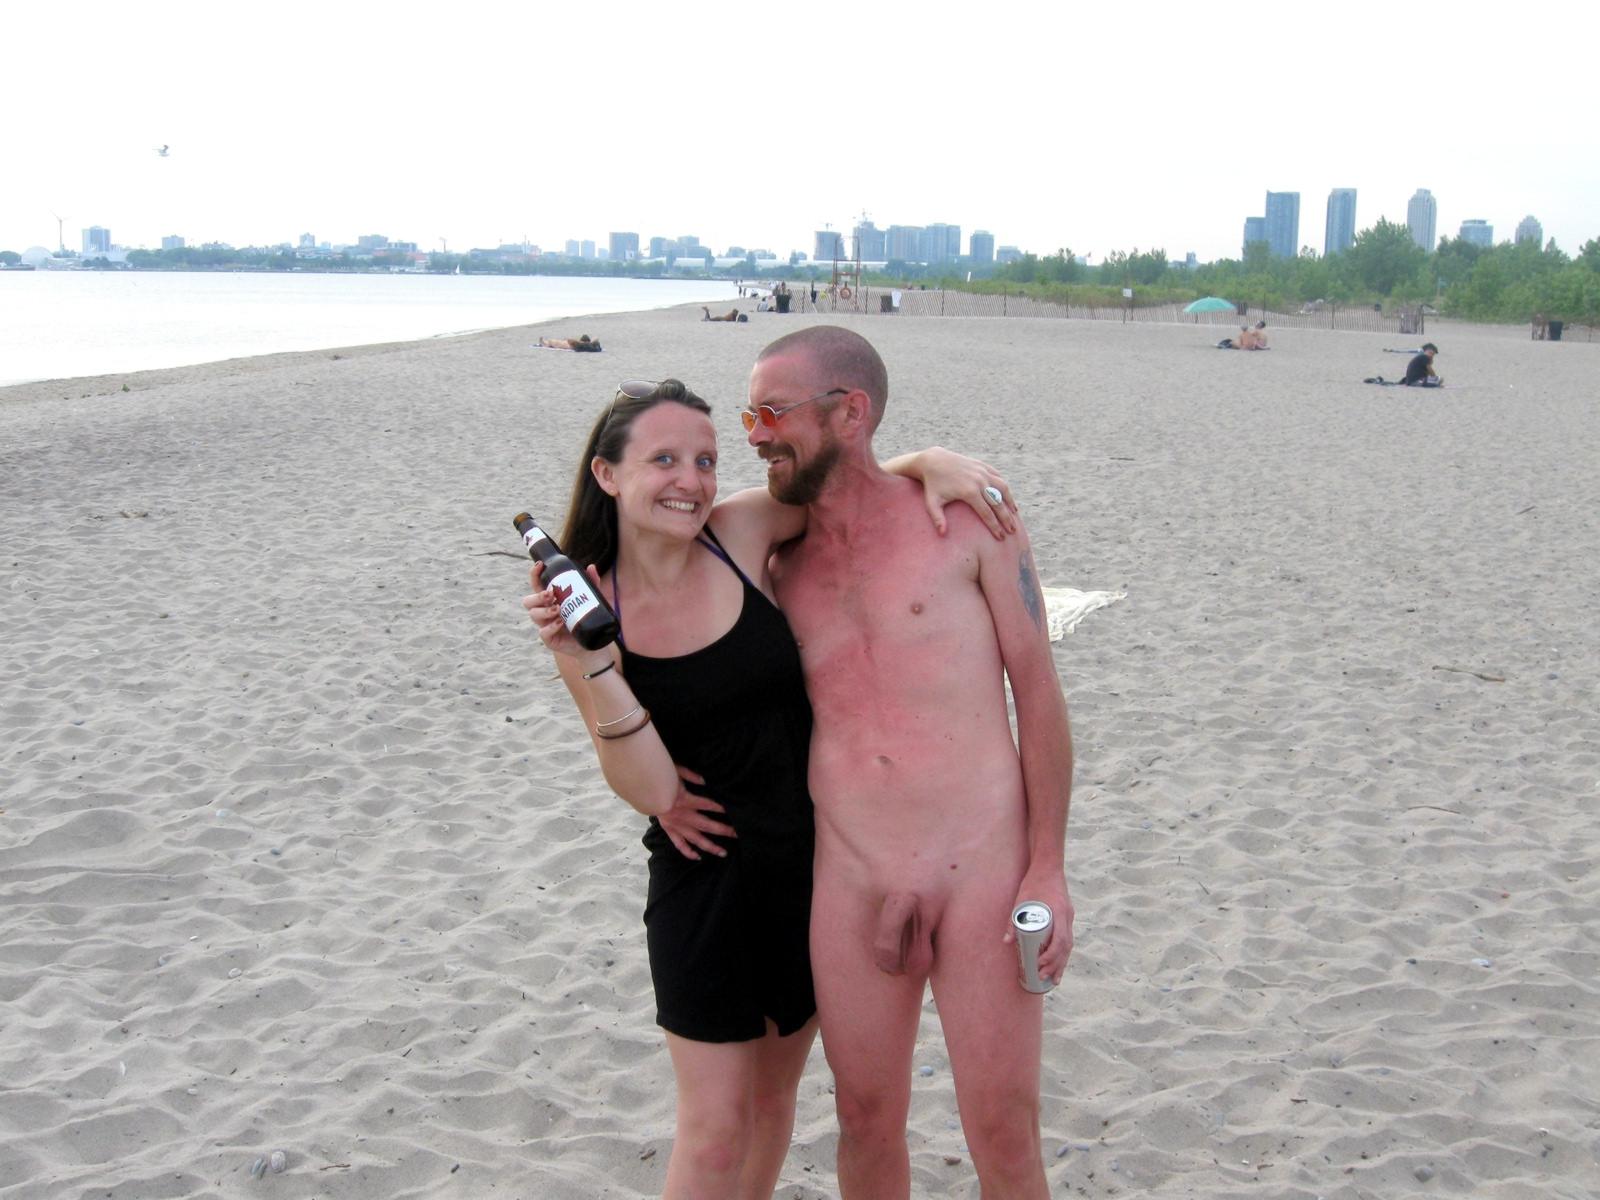 最高の素人流出画 妻の浮気投稿写真jpg4妻とのセックスモロyamidas 妻の浮気投稿写真画像投稿画像112枚